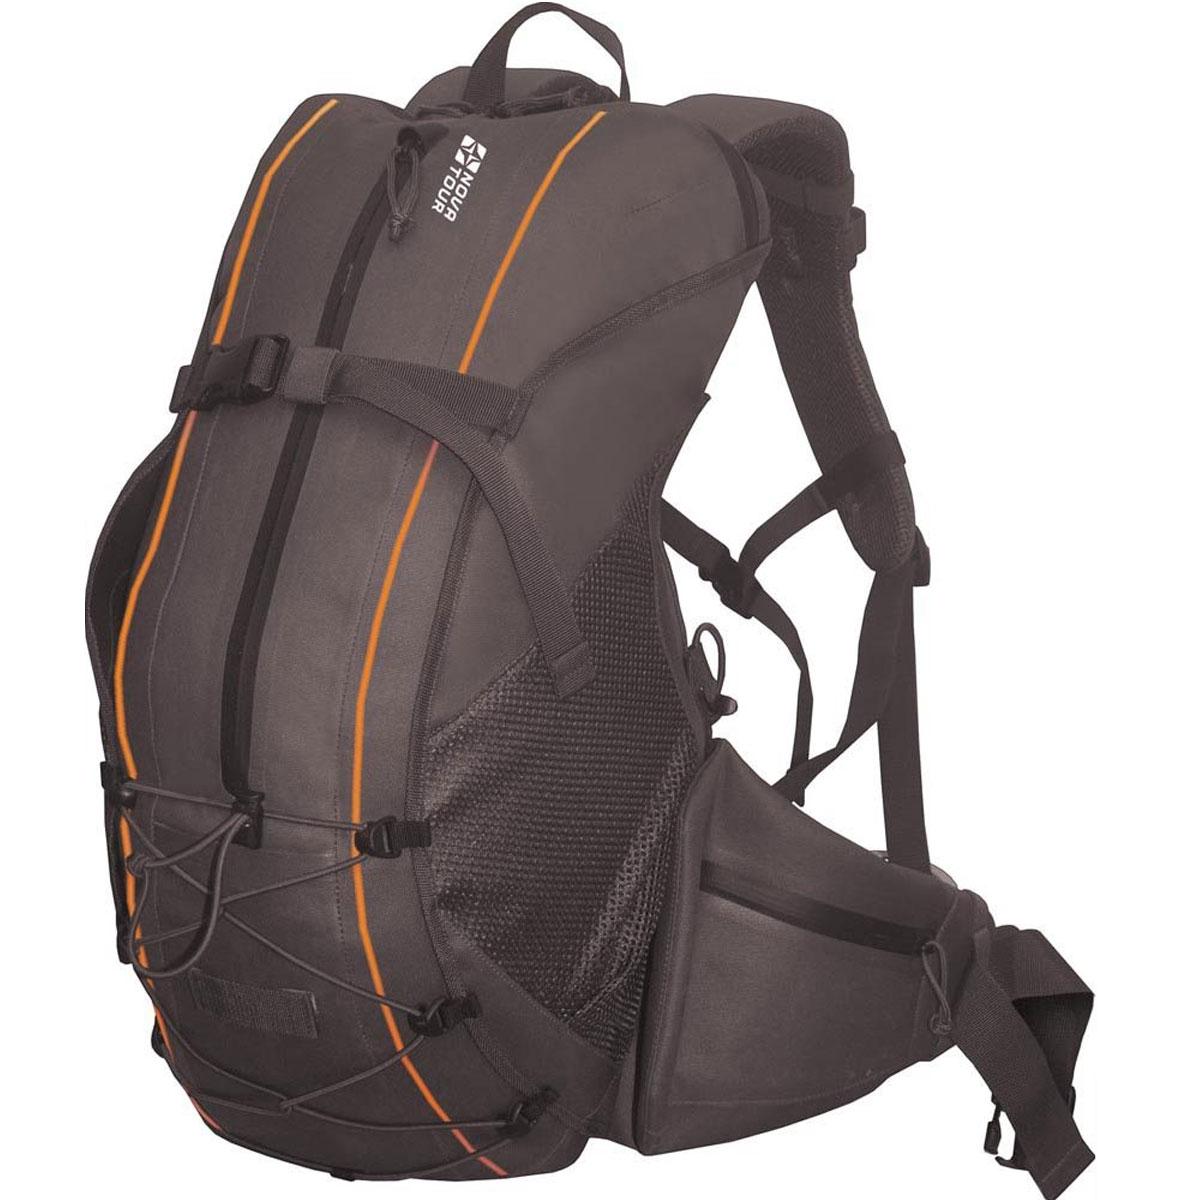 Рюкзак водонепроницаемый Nova Tour Саламандра 45, цвет: черный. 95142-902-0070566Легкий водонепроницаемый рюкзак с полноценной подвесной системой для удобства переноски тяжелого груза. Для 100% гарантии герметичности молнии карманов и входа в основное отделение сделаны водонепроницаемыми. Если что-либо не поместилось в рюкзак, не беда, на фронтальной части, помимо кармана, находятся дополнительные узлы крепления в виде эластичного шнура и стропы с фастексом, а по бокам расположены объемные сетчатые карманы.Объем: 45 литров.